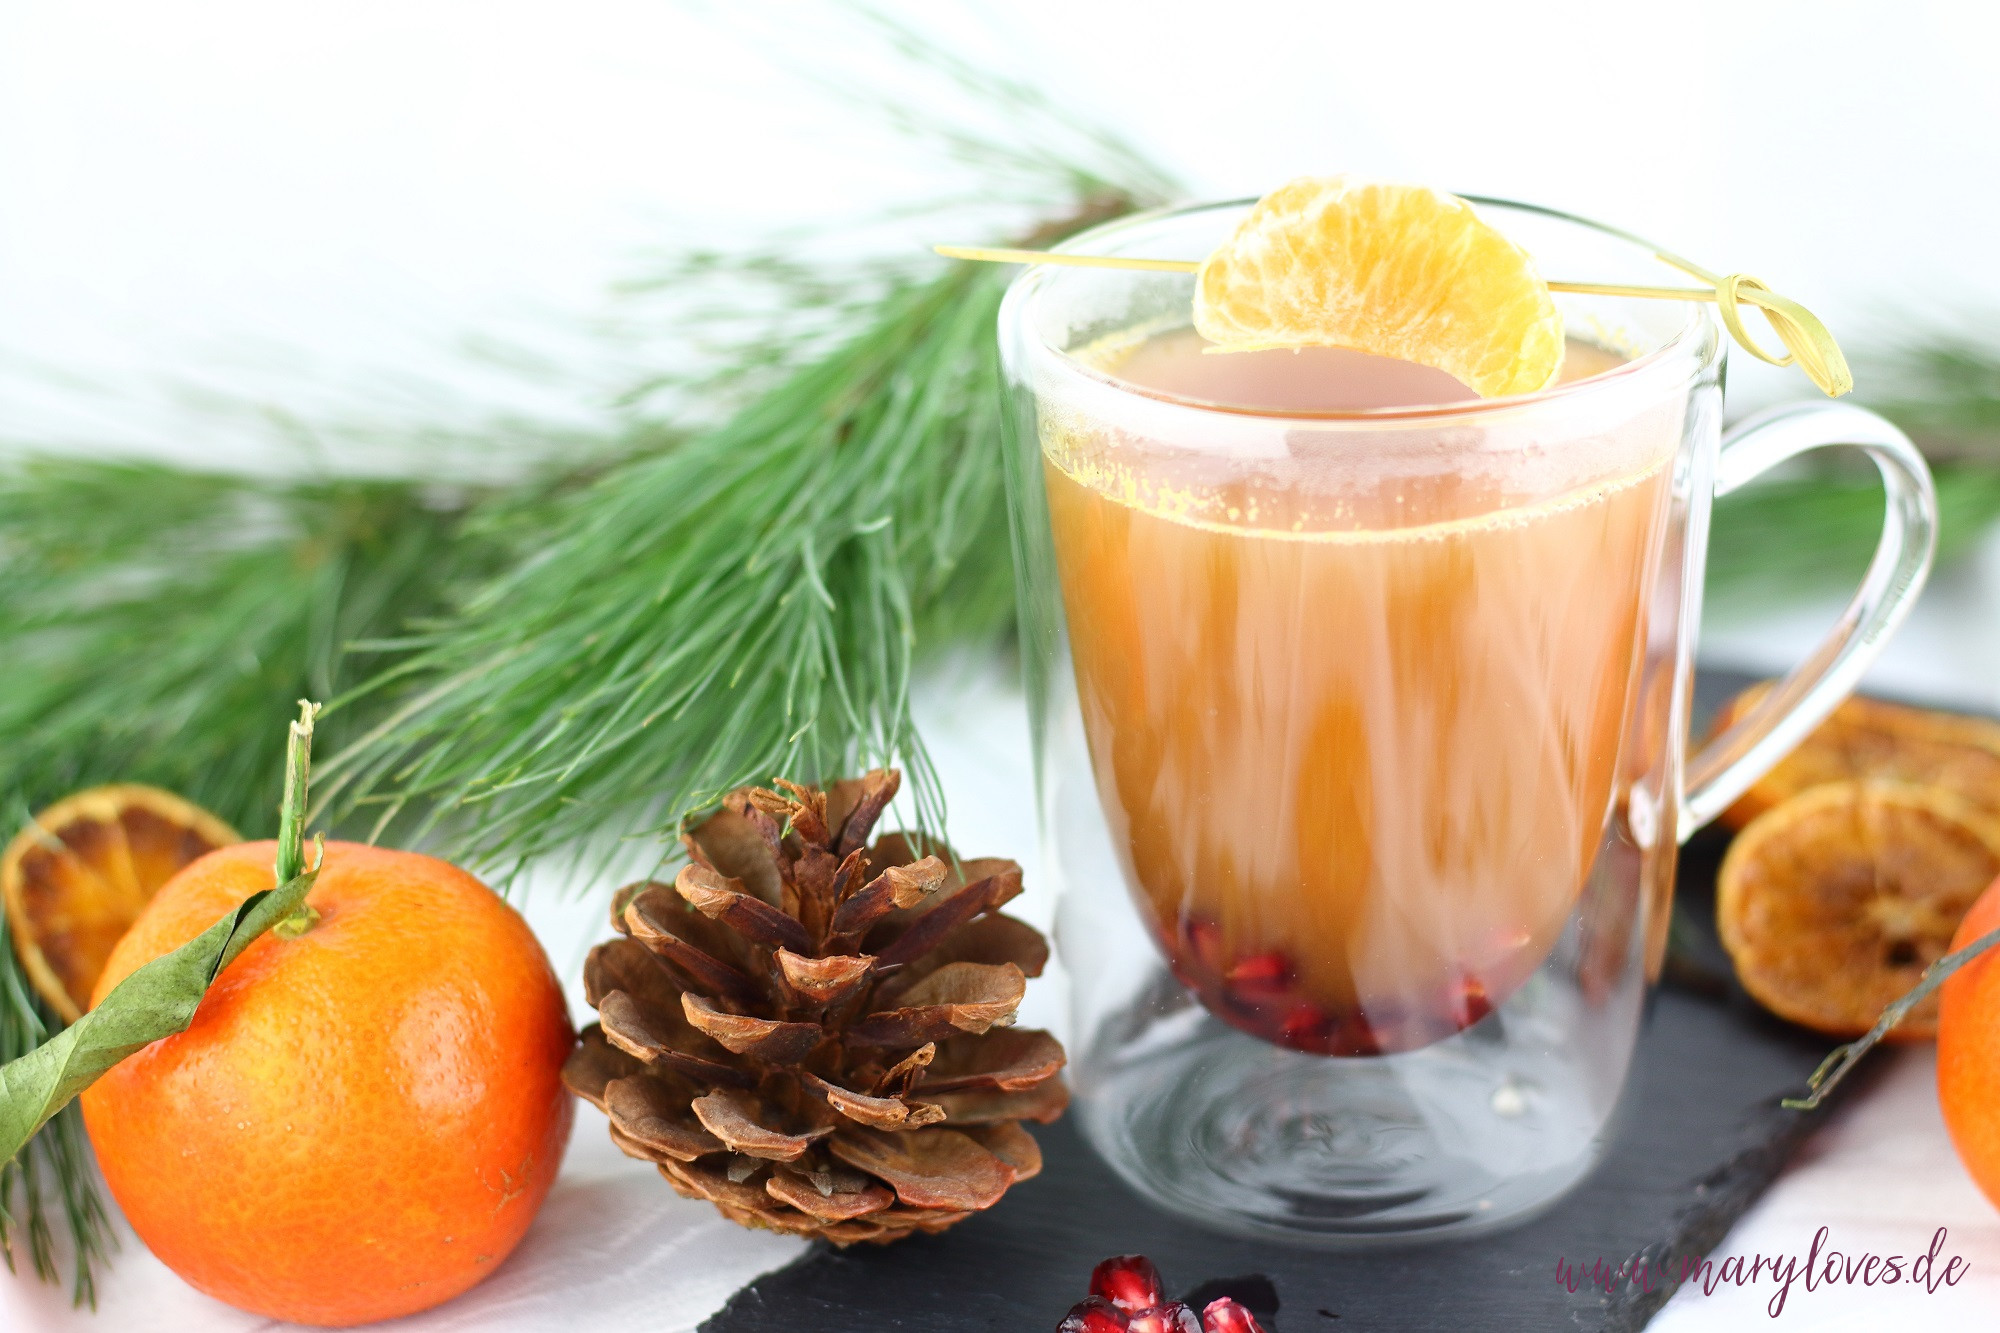 Wärmender Mandarinen-Punsch alkohol- & zuckerfrei